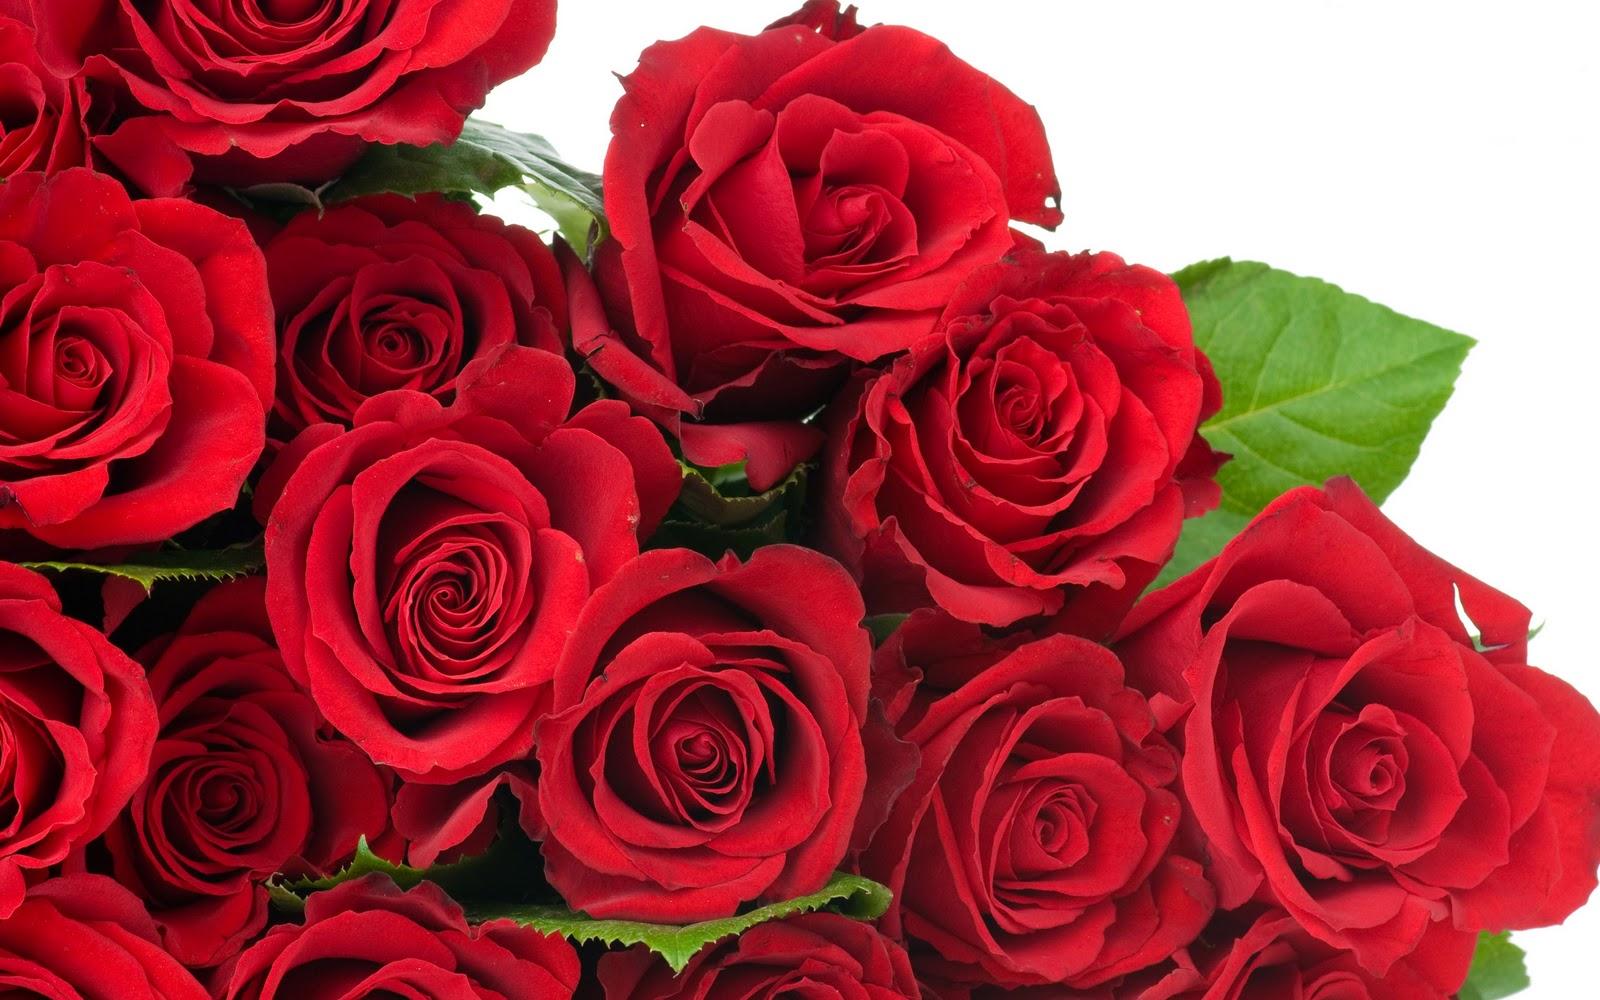 http://4.bp.blogspot.com/-0S5zXrQS1g0/TrRE6CsPieI/AAAAAAAABWE/0AhXaxv5wok/s1600/red-rose-wallpaper.jpg